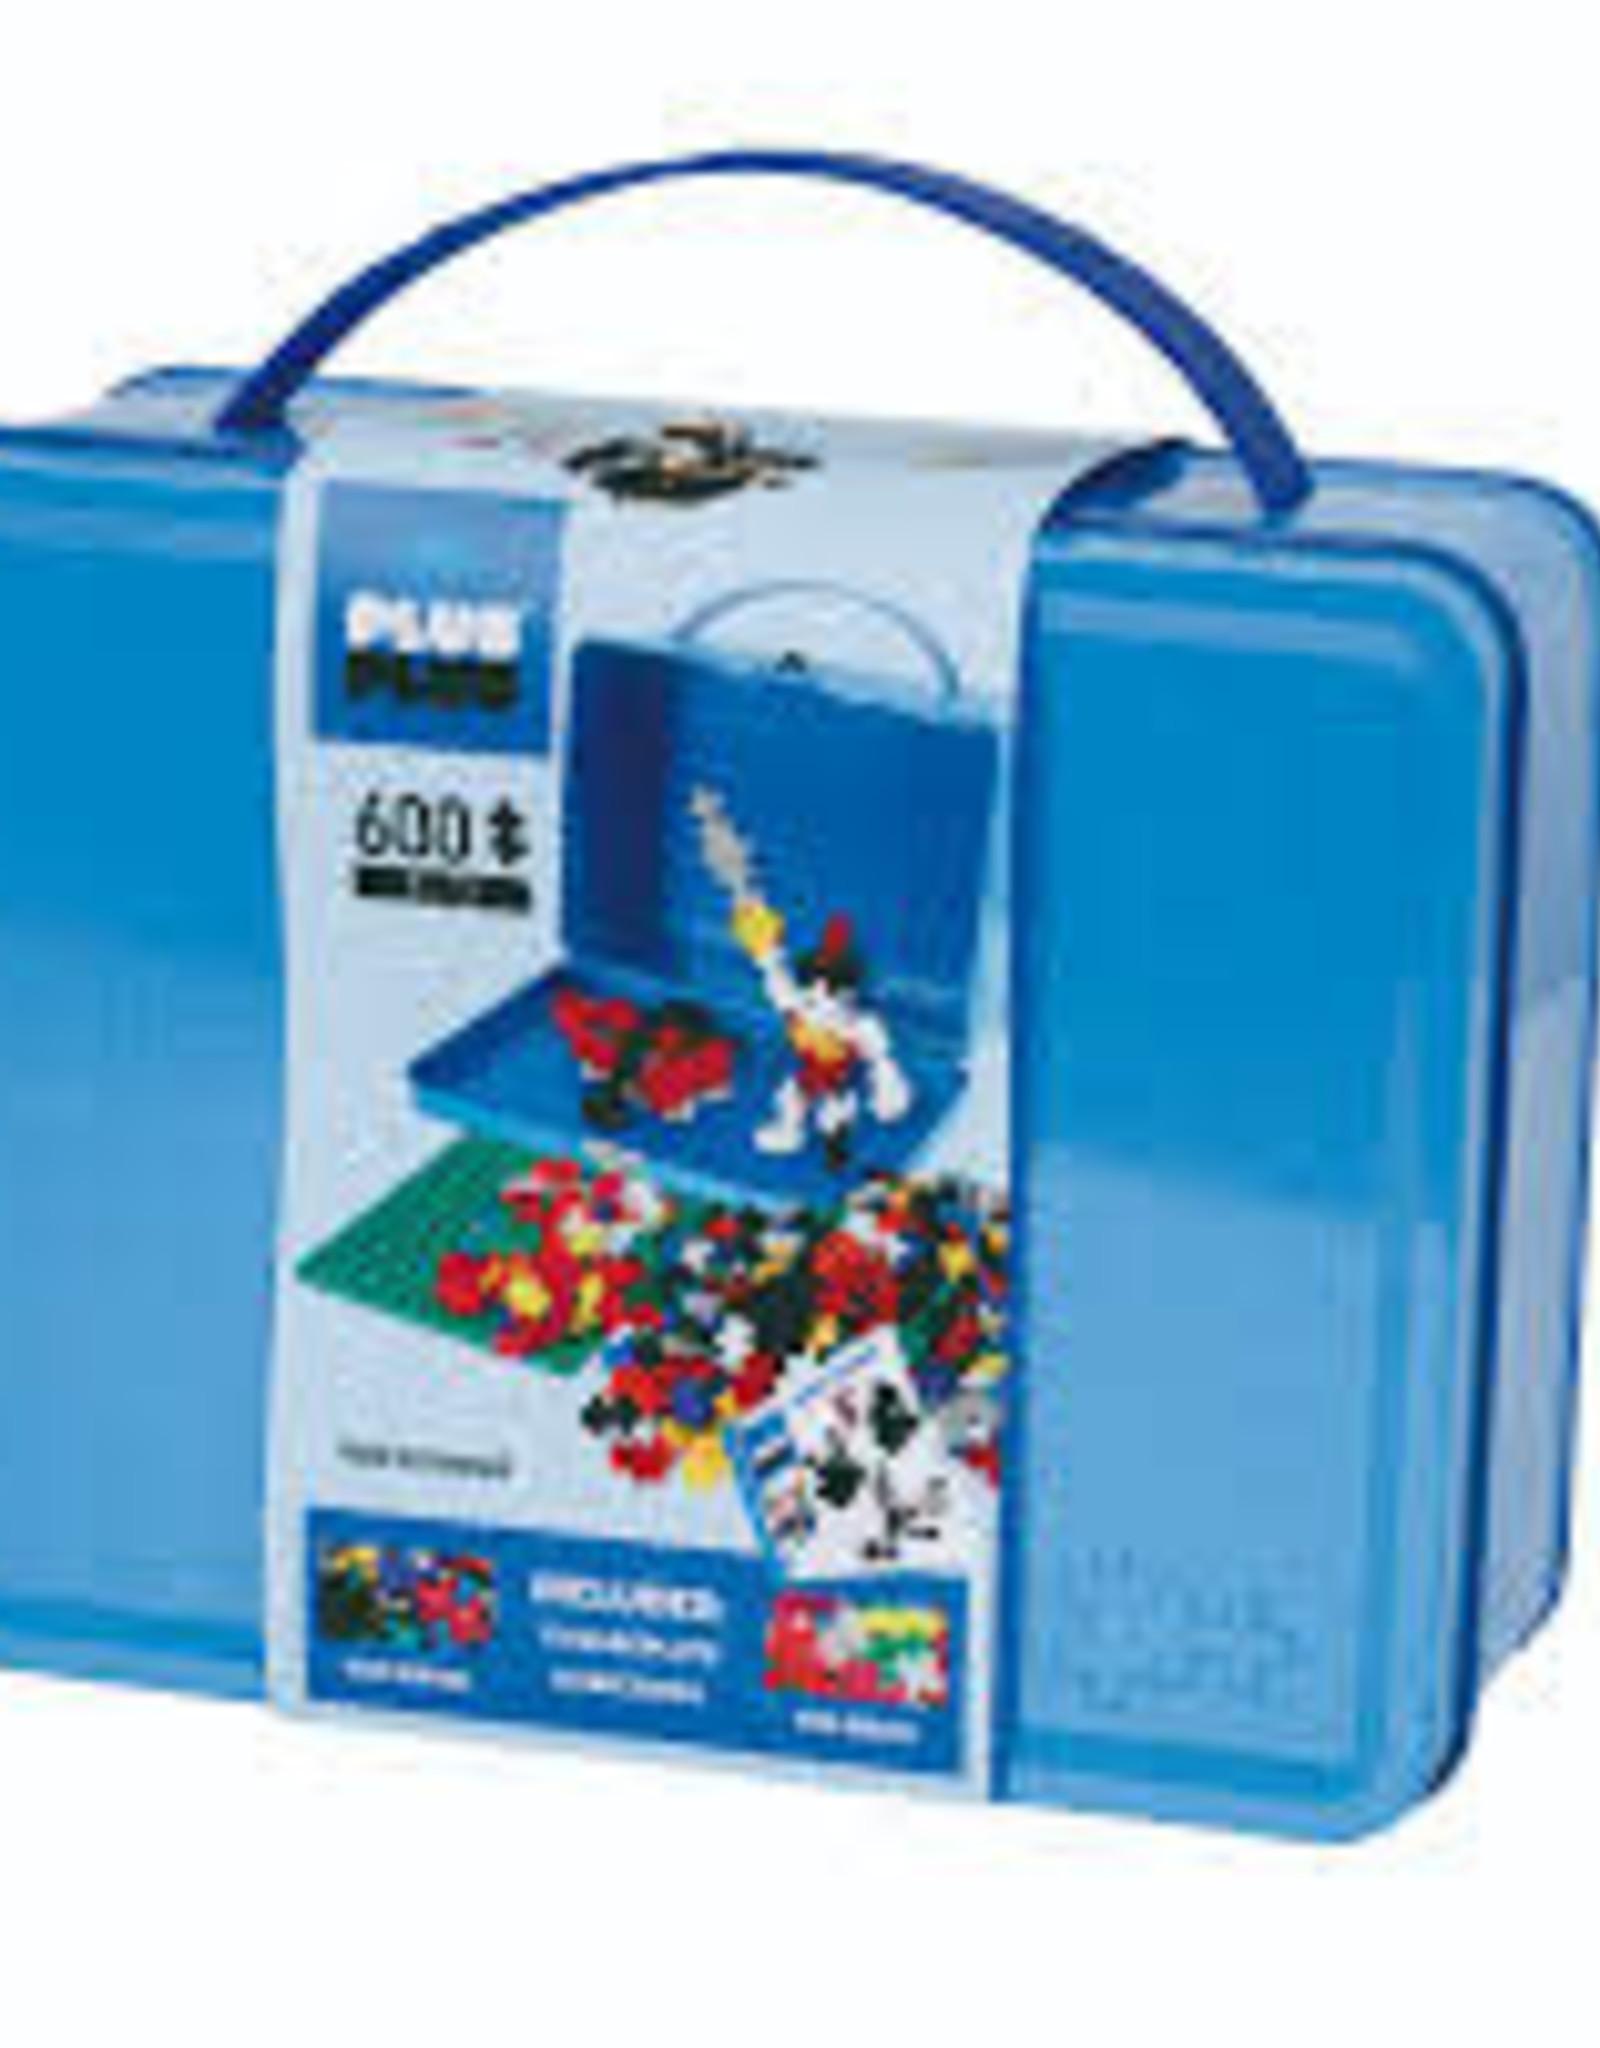 Plus Plus Plus Plus Metal Suitcase Basic 600 pcs